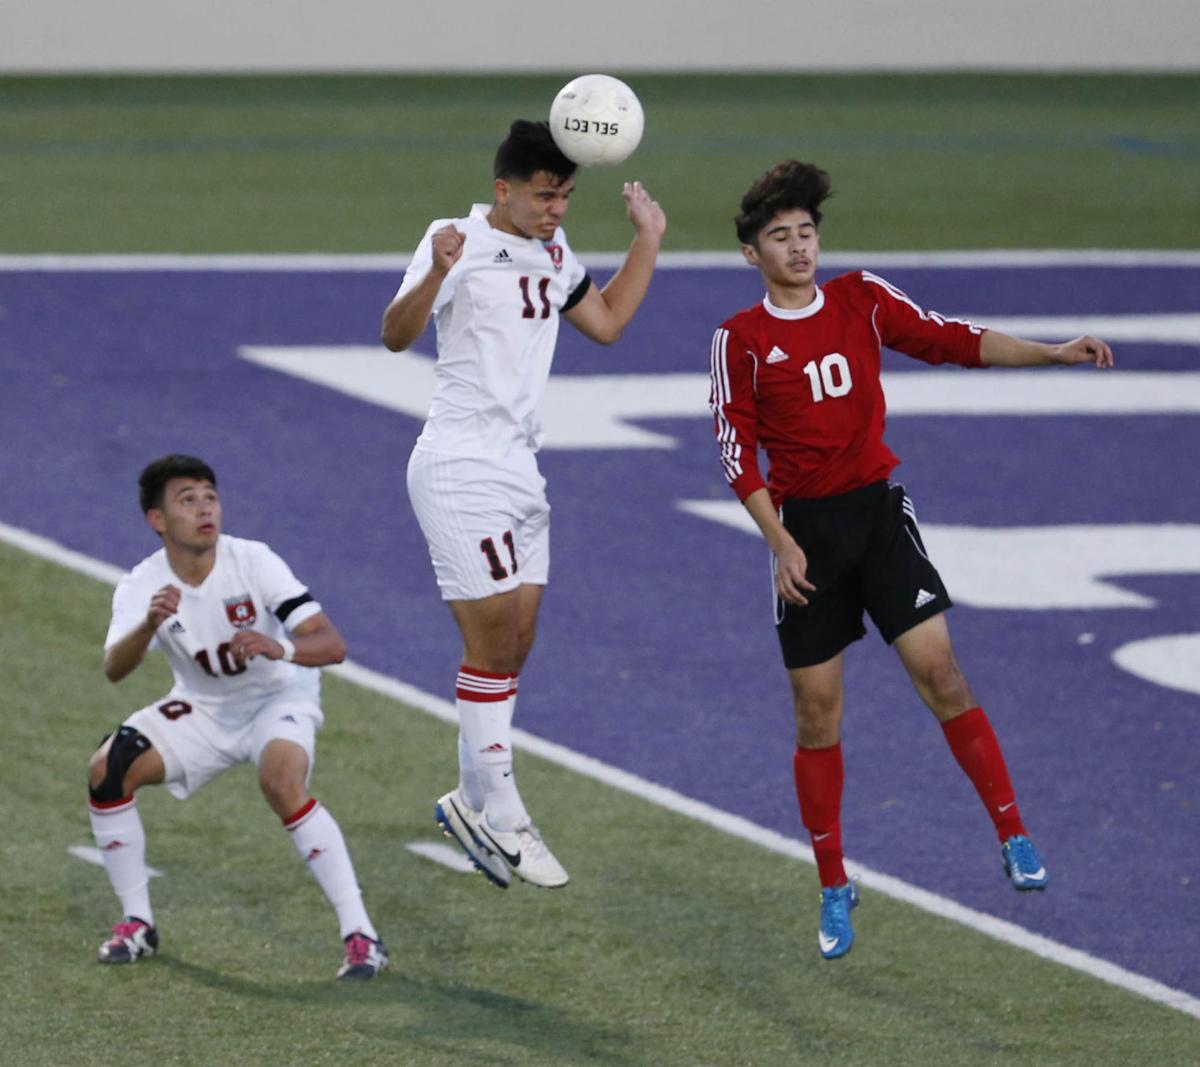 Waco soccer